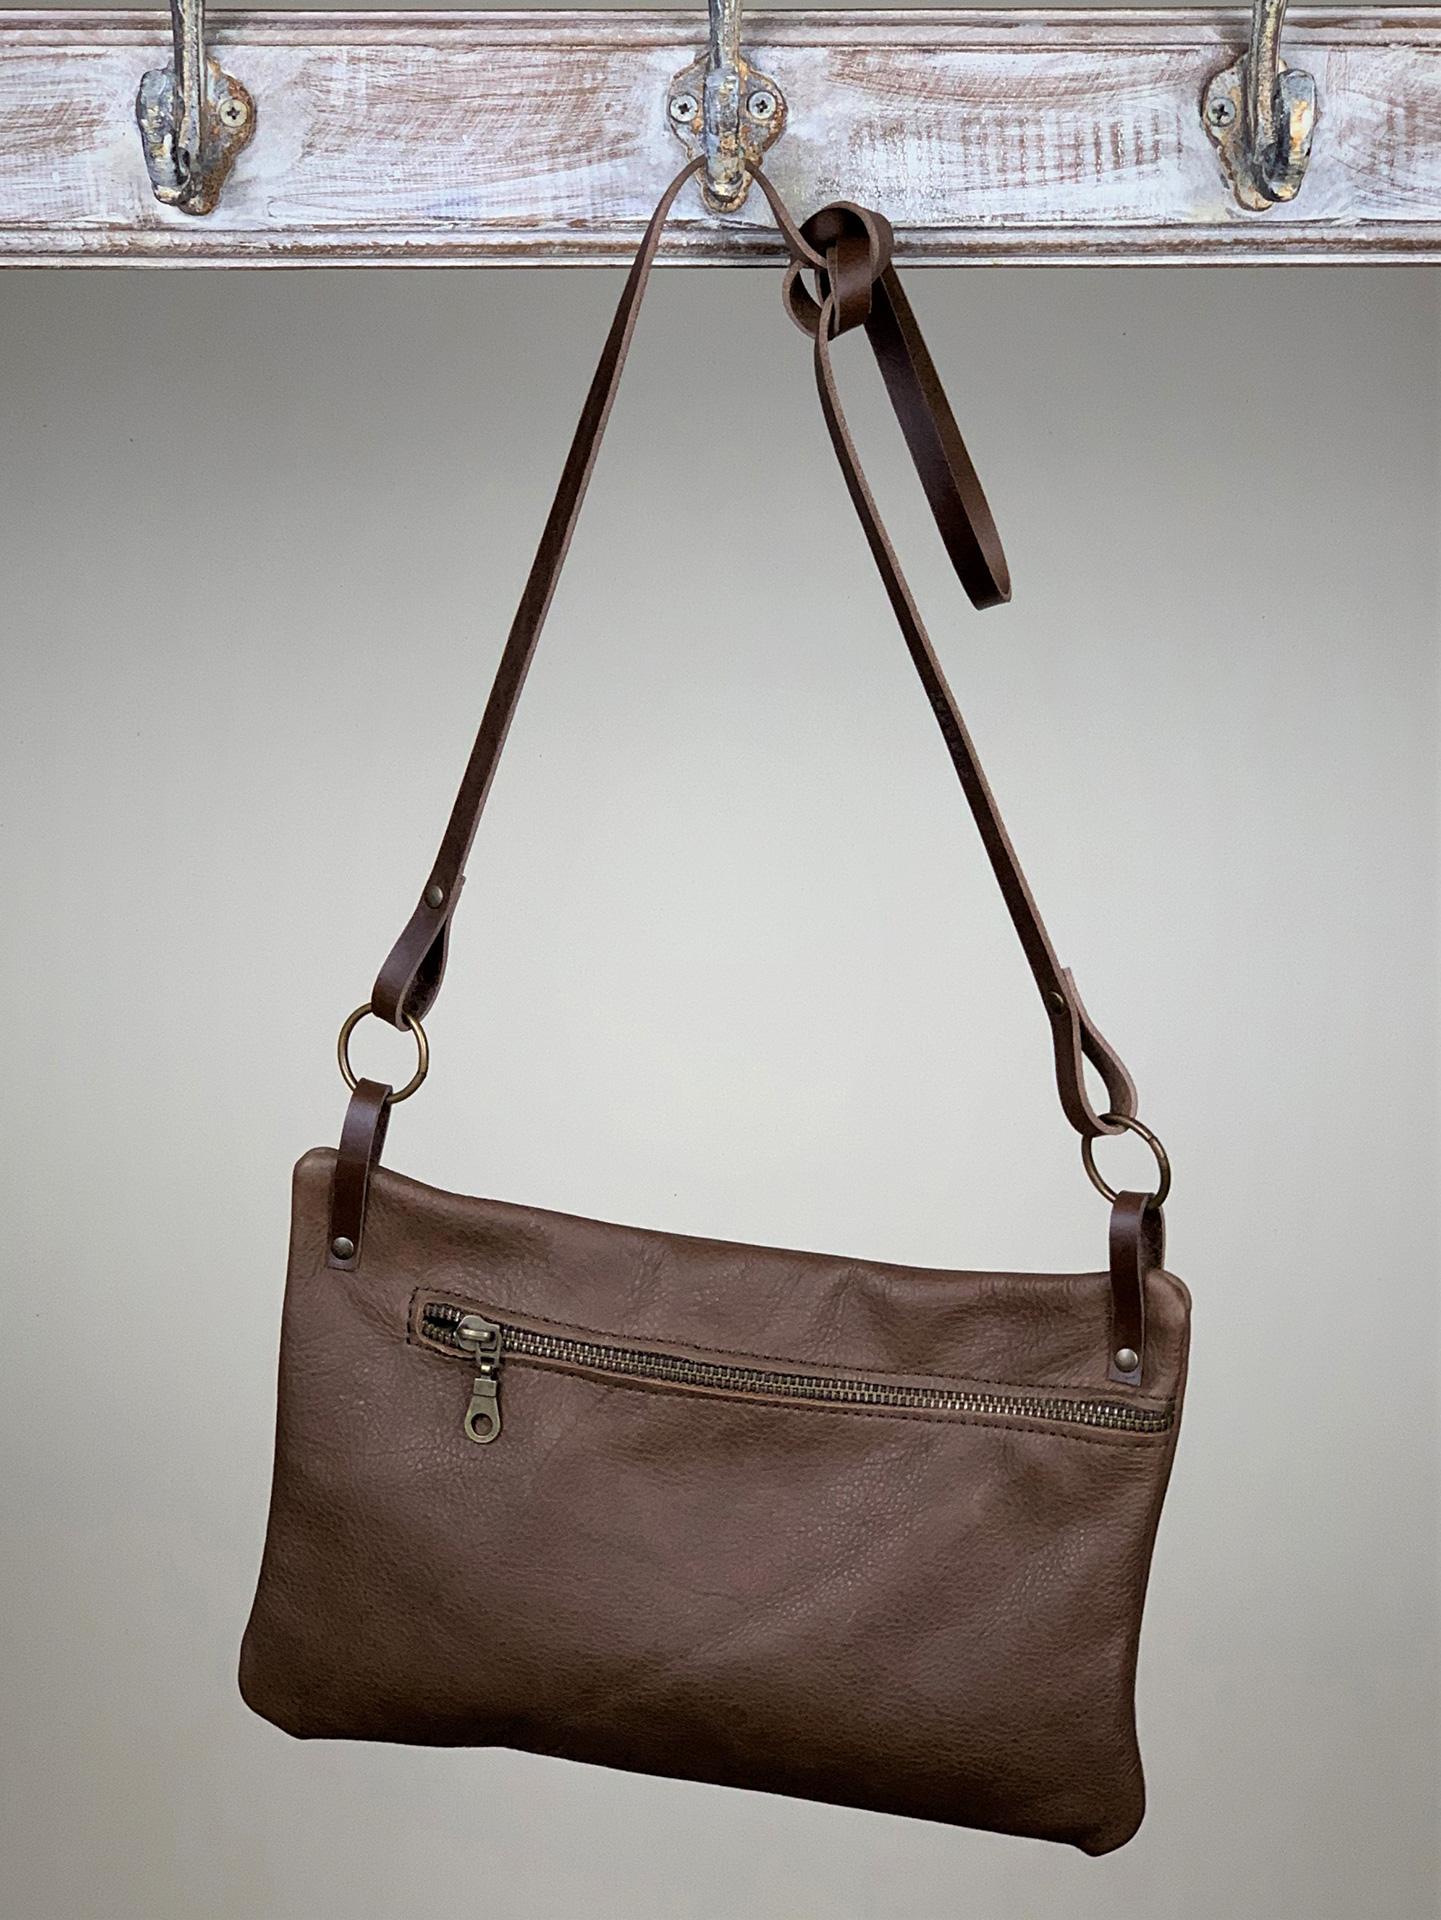 Damen-Handtasche klein Leder Braun